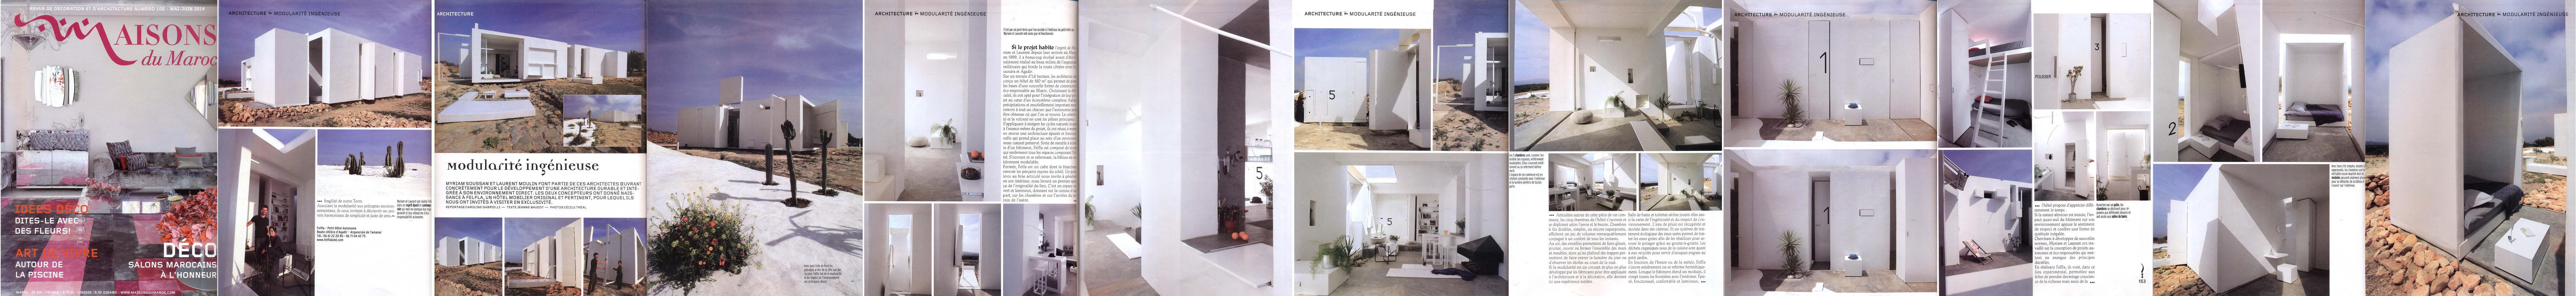 Fleur Pour Decoration Salon felfla, small independent hotel - construction21